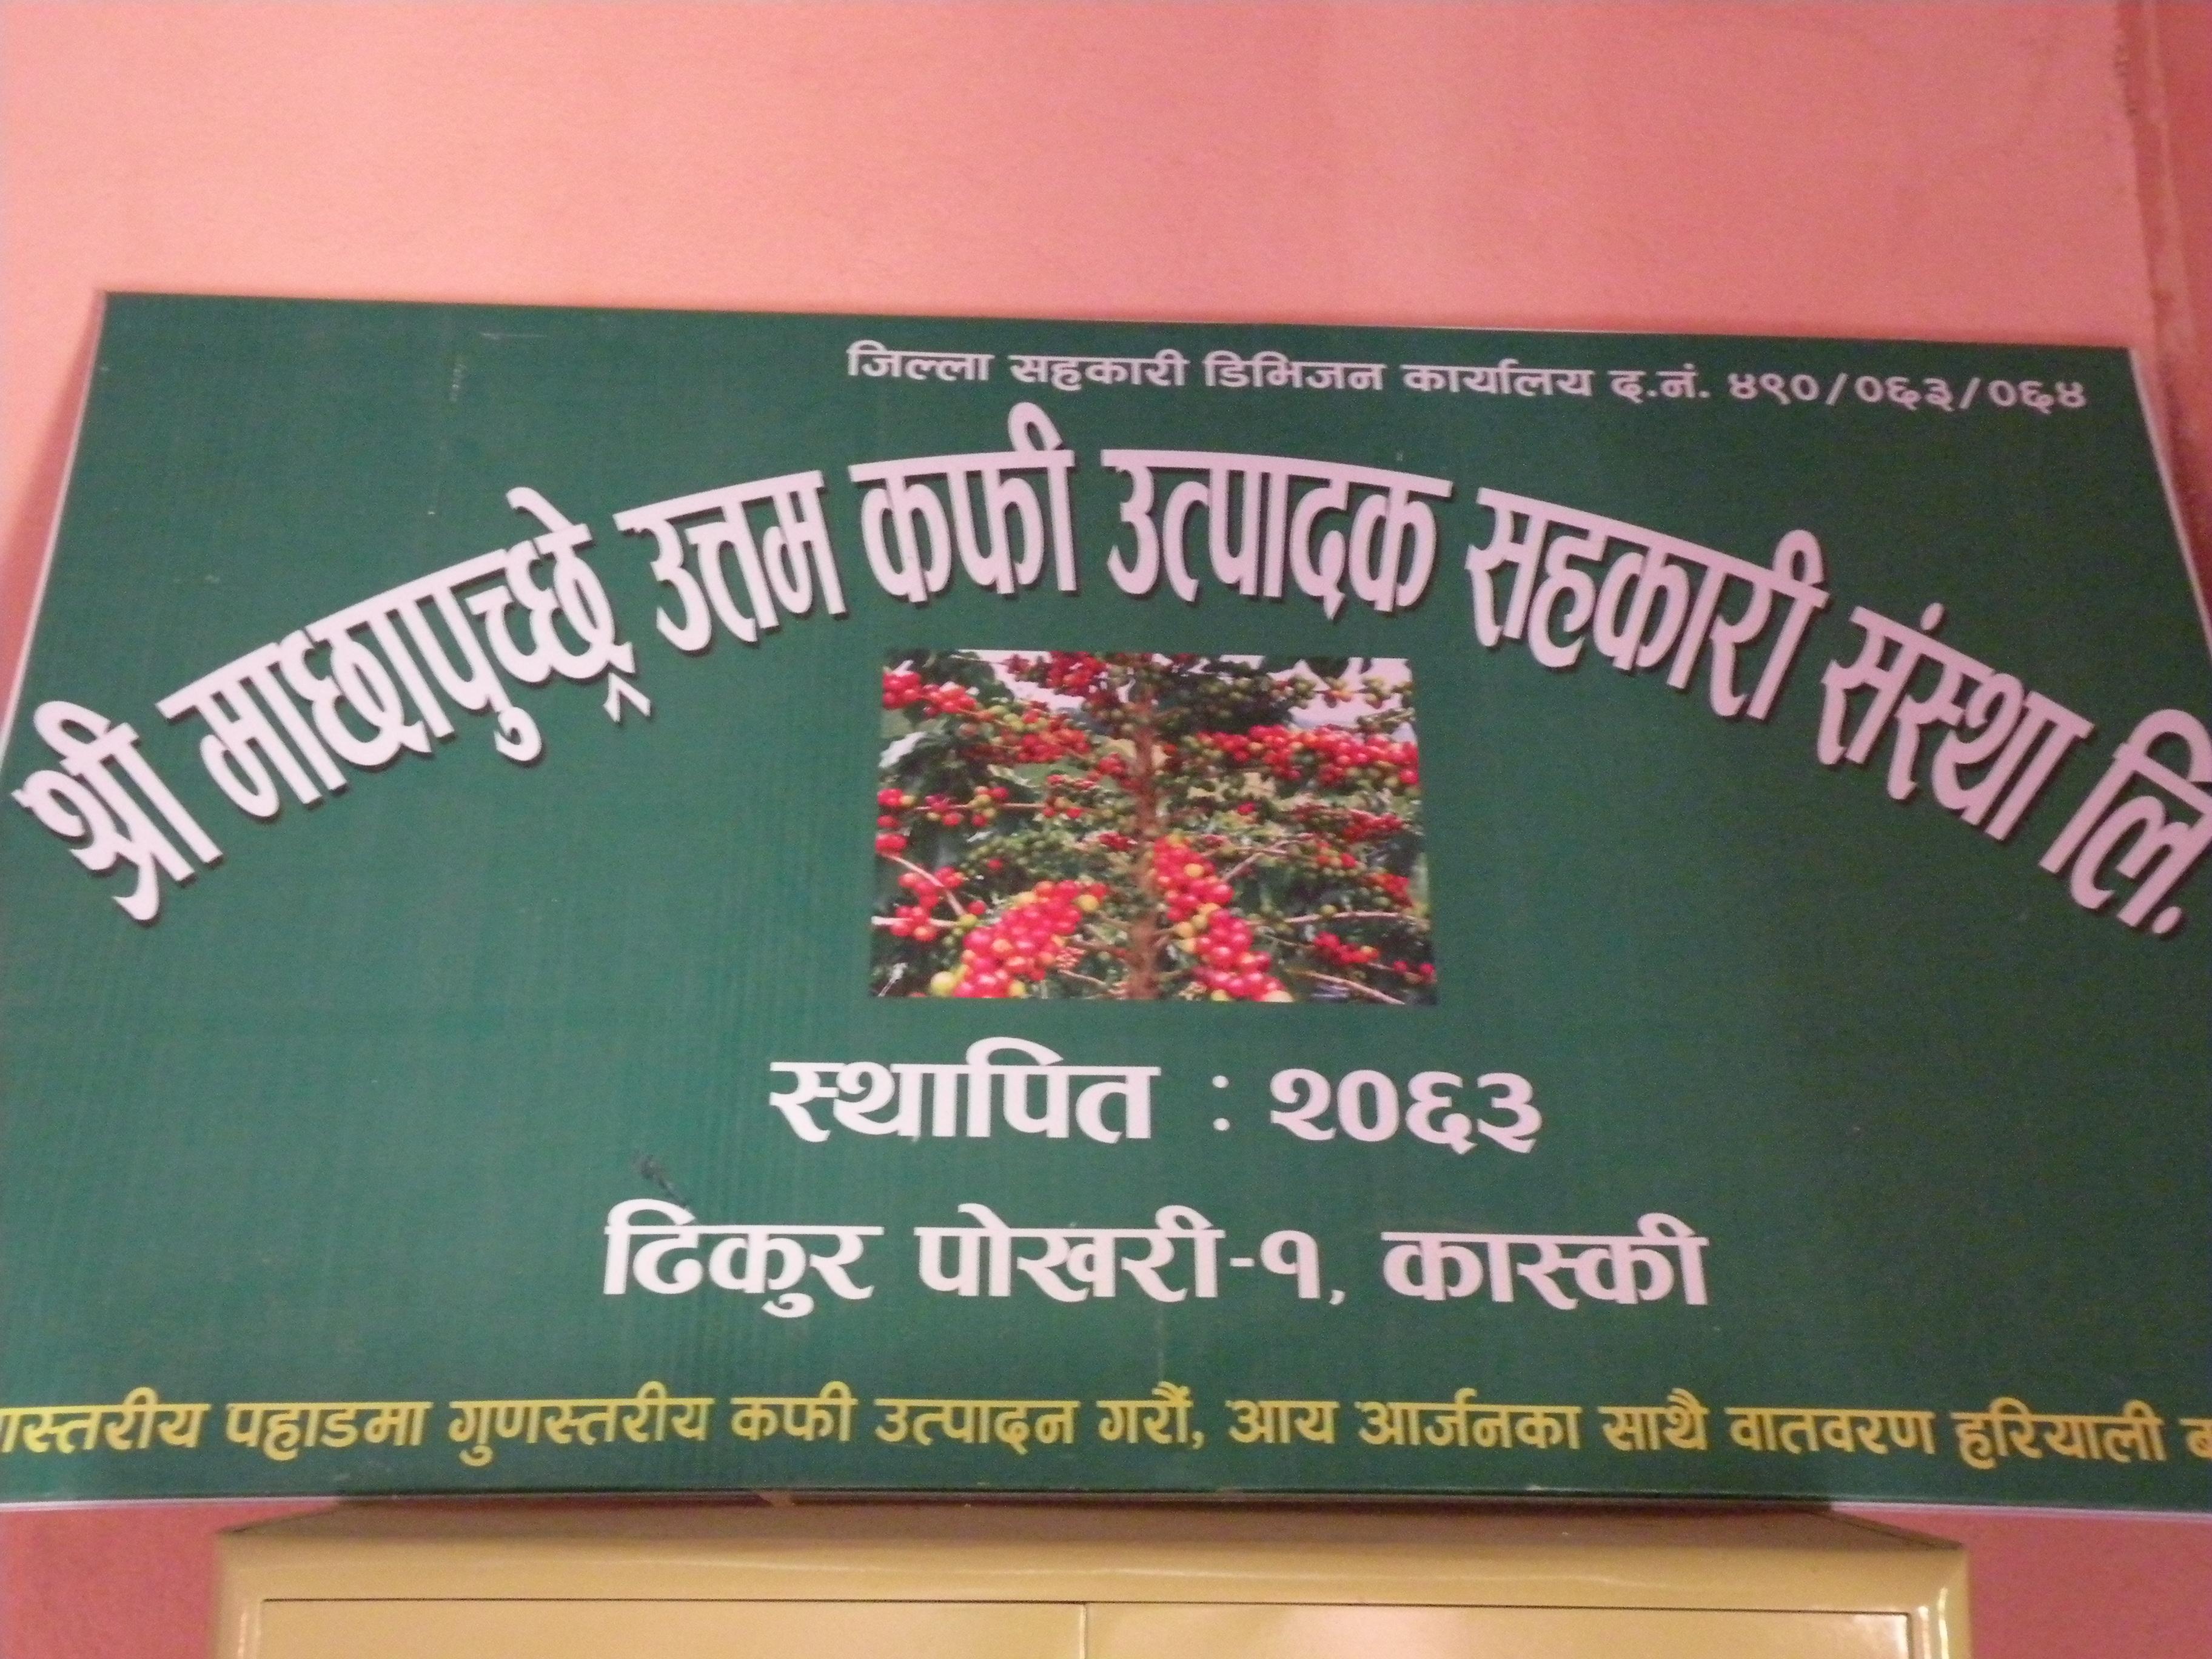 ネパールコーヒー生産者